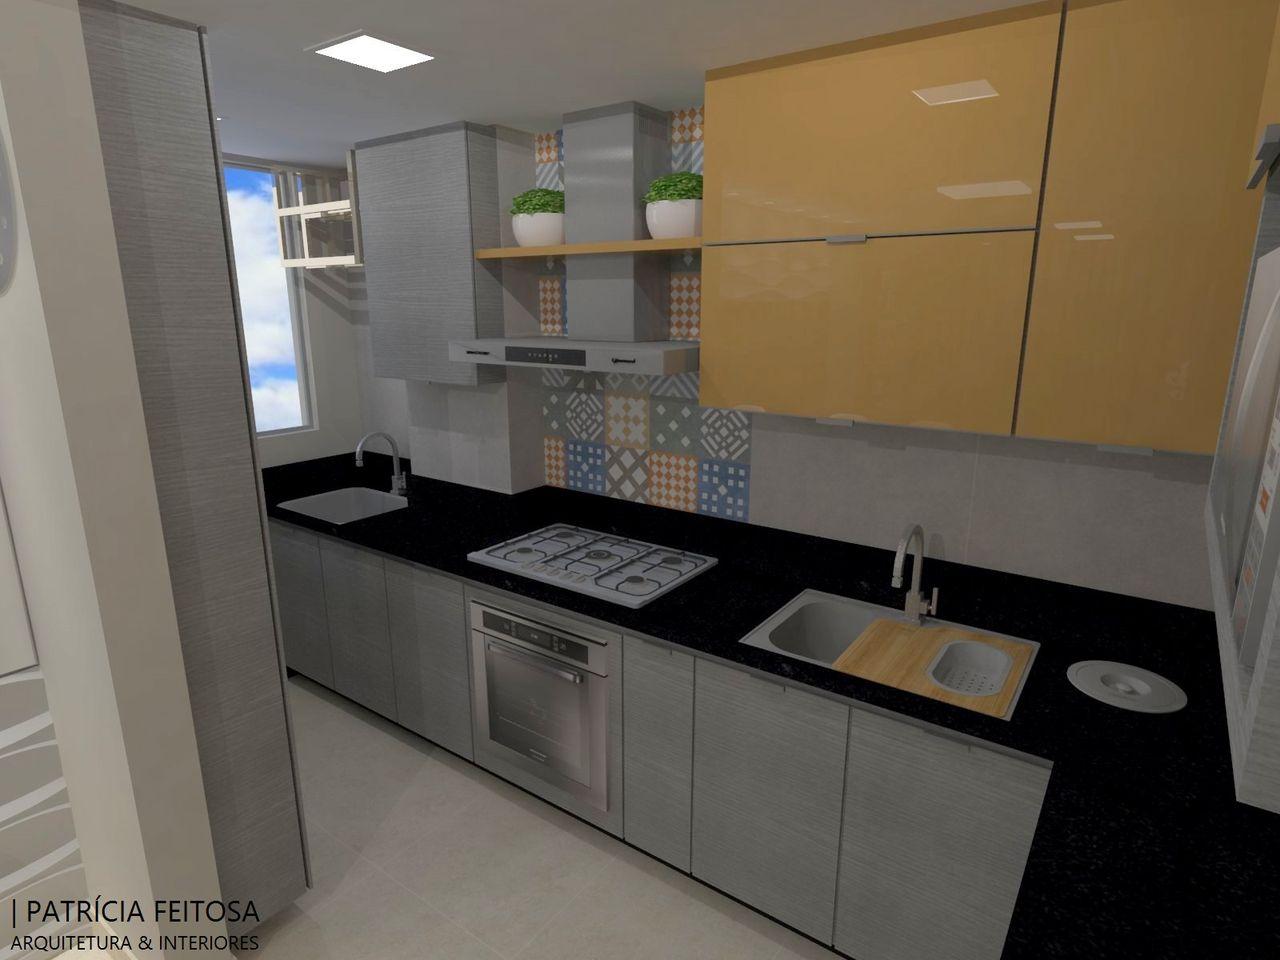 Cozinha Planejada De Patricia Feitosa Matos 141964 No Viva Decora